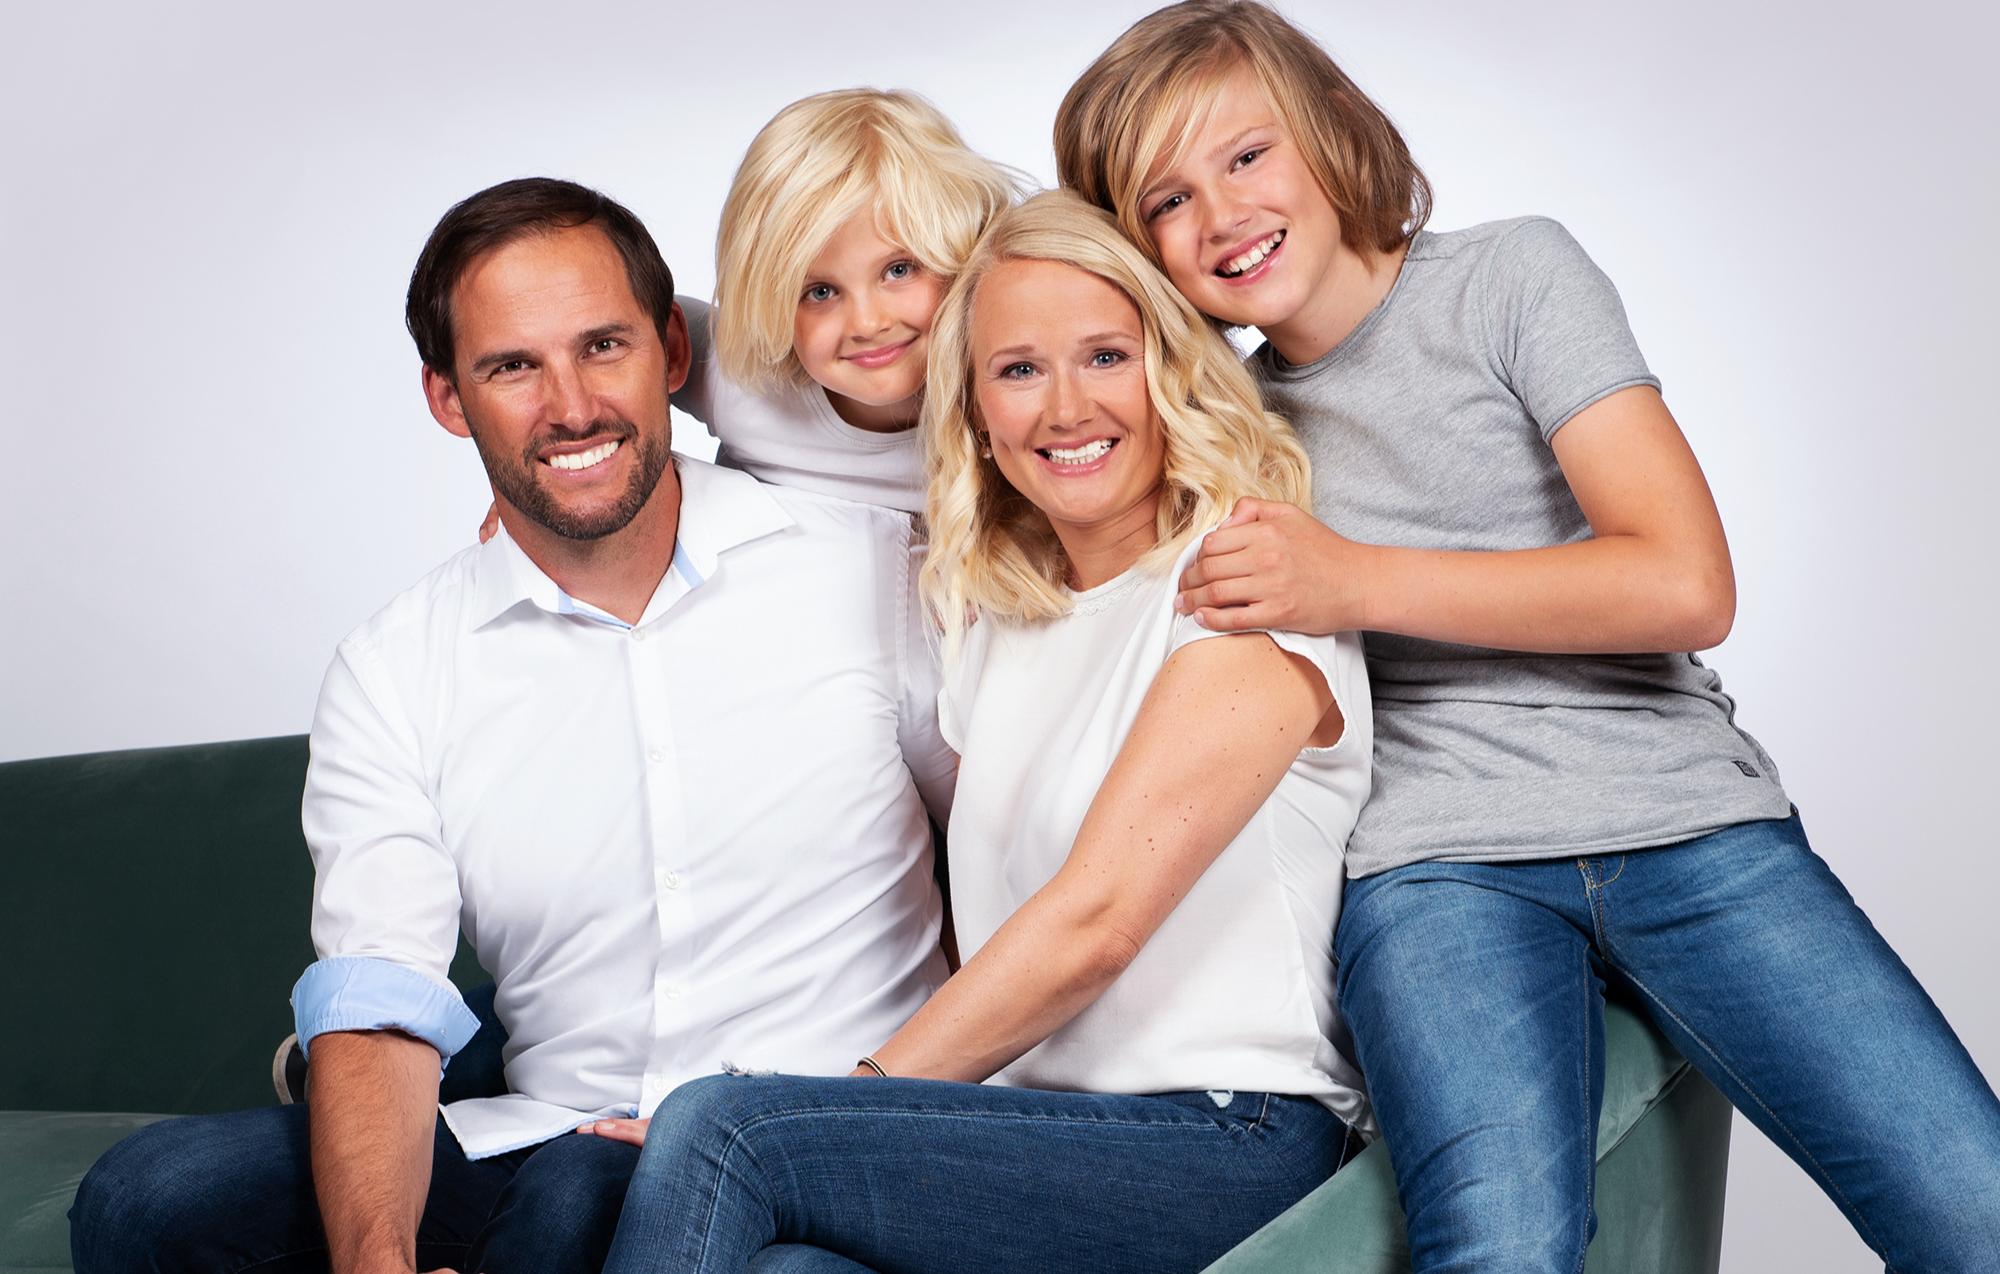 familien-fotoshooting-viernheim-bg4